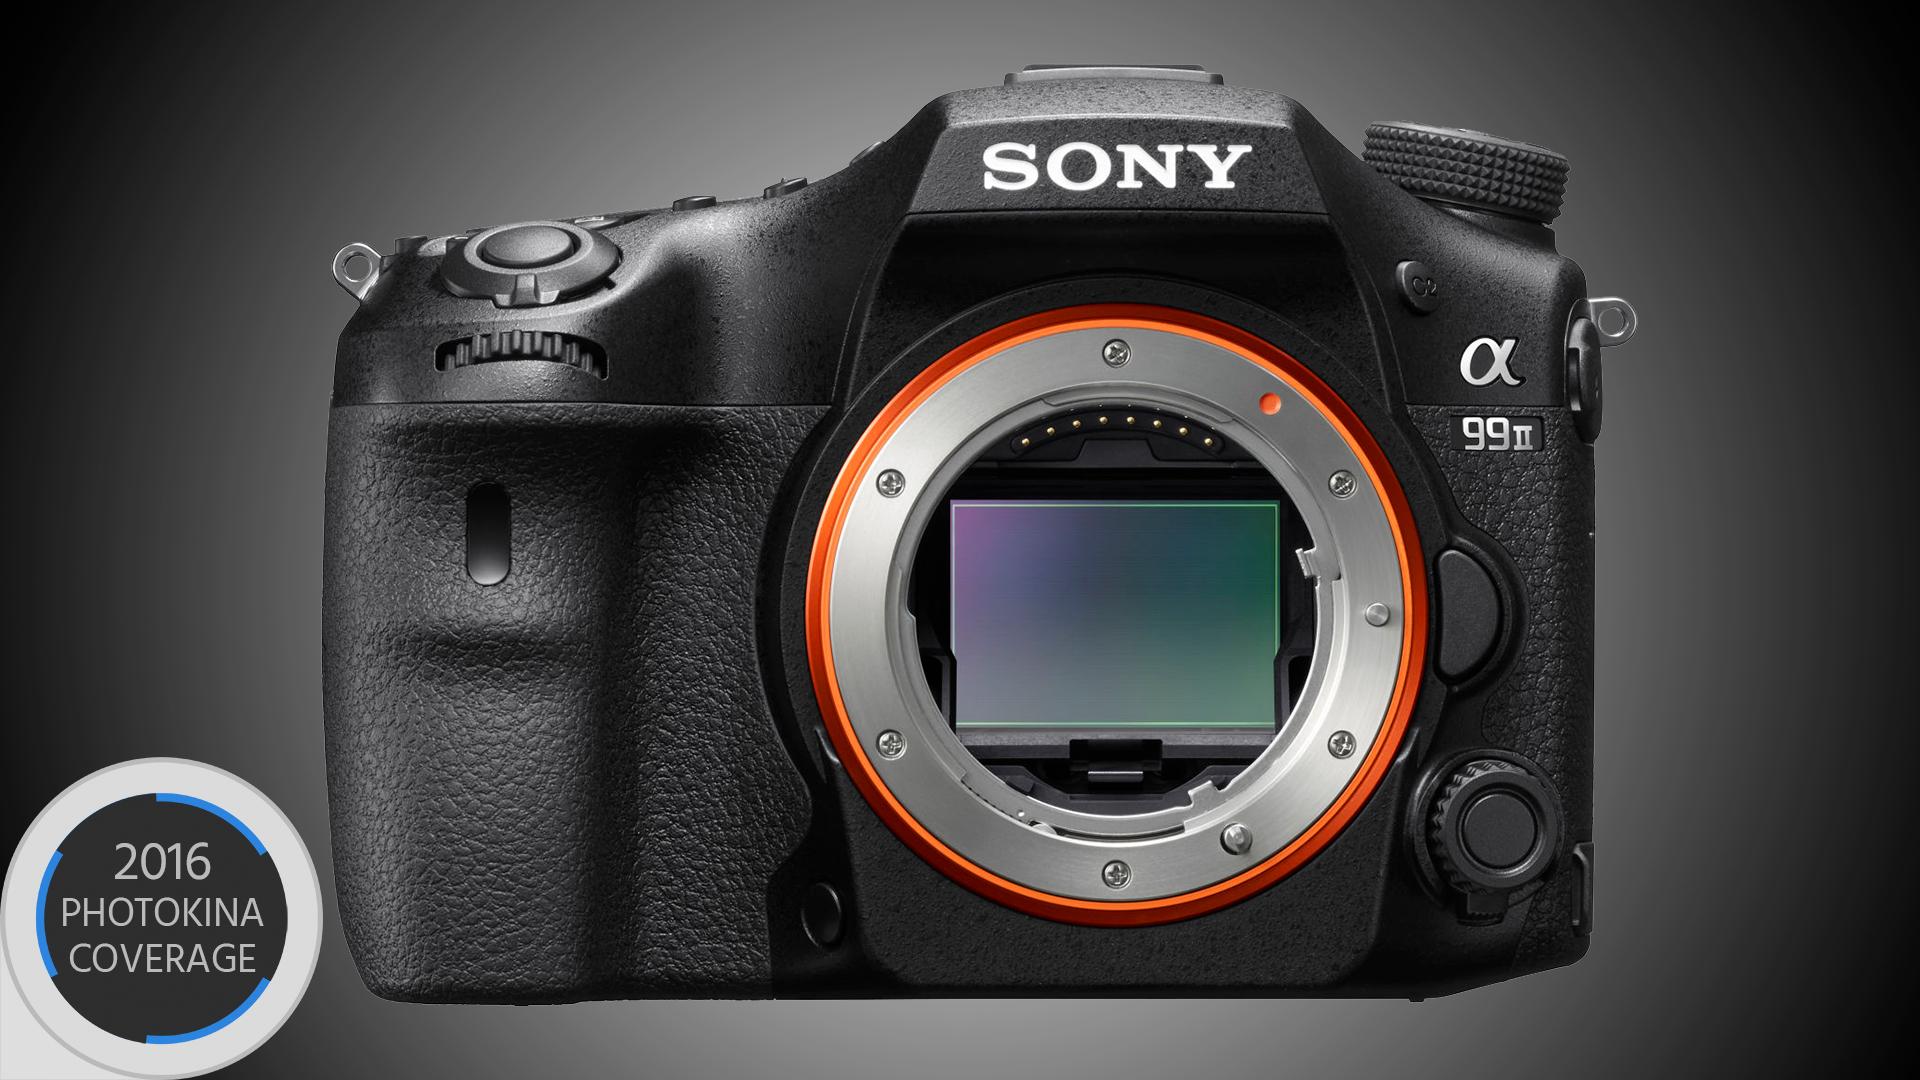 ソニーα99IIを発表 - フラグシップDSLR 4K撮影機能も搭載